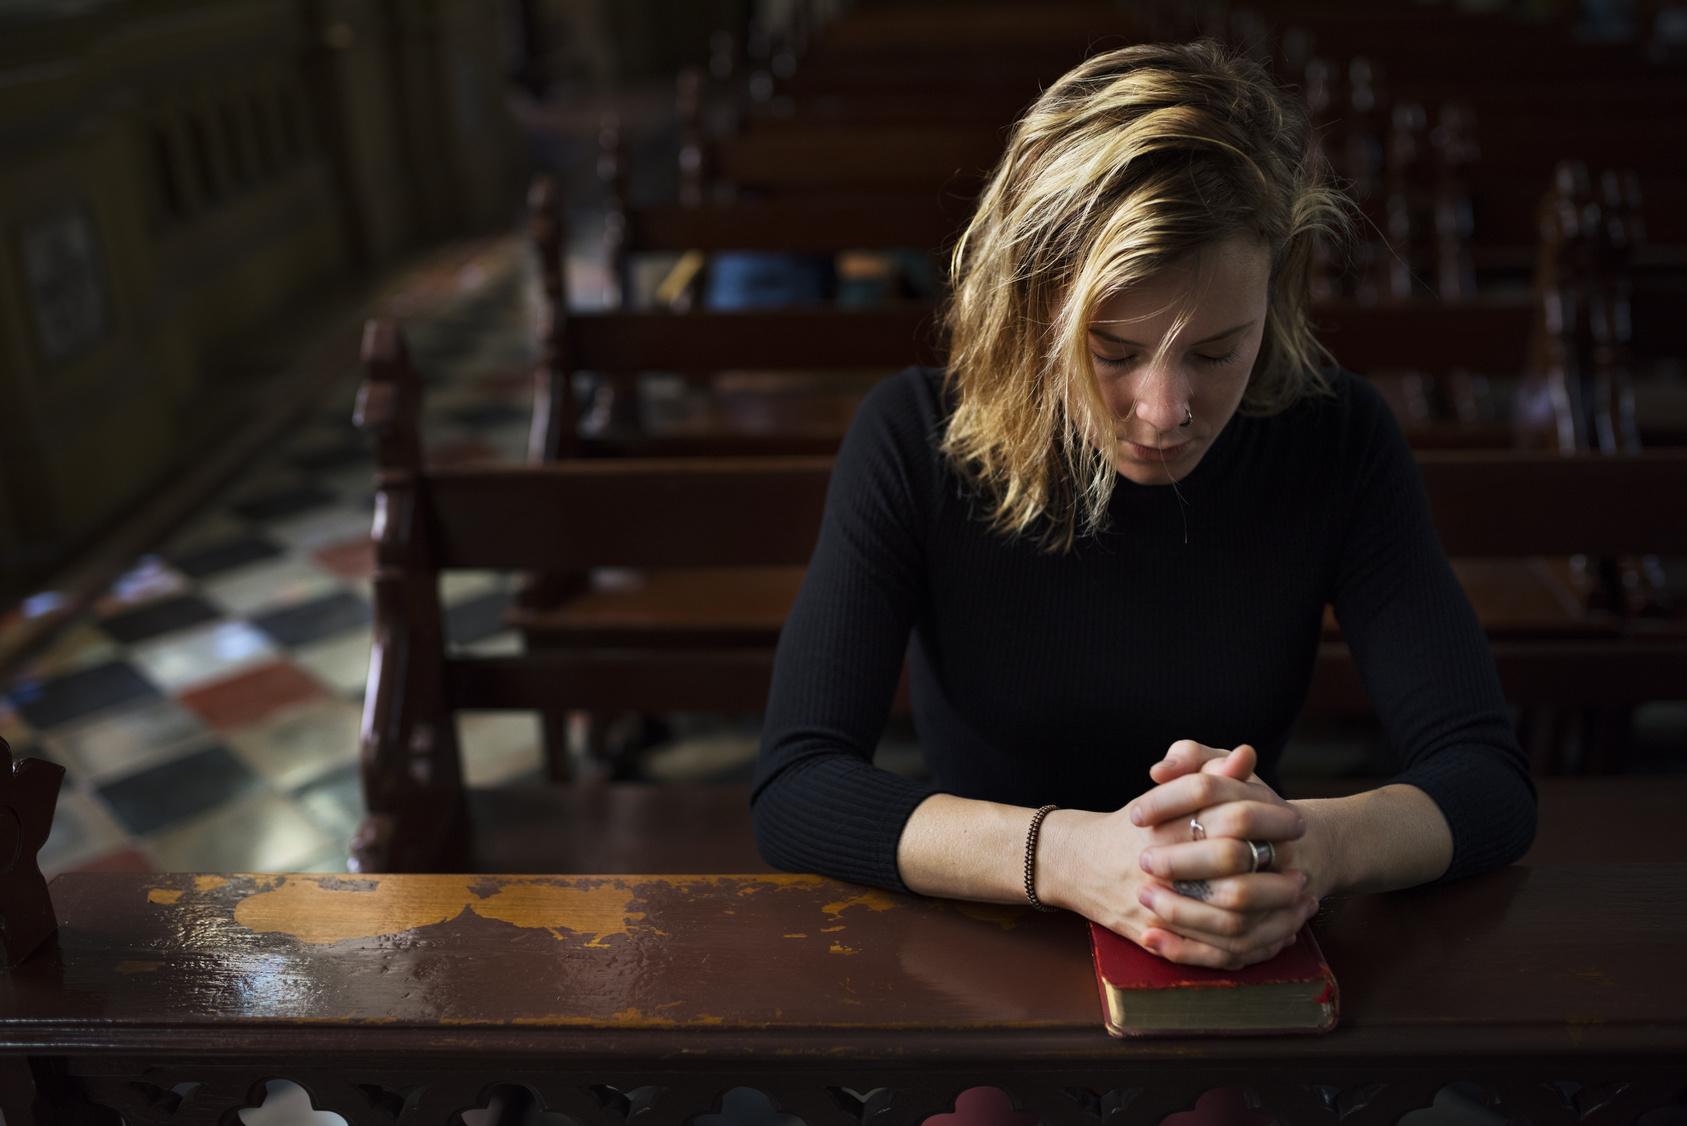 Nach Kirchenbesuch Mutter rettet Tochter und stirbt selbst